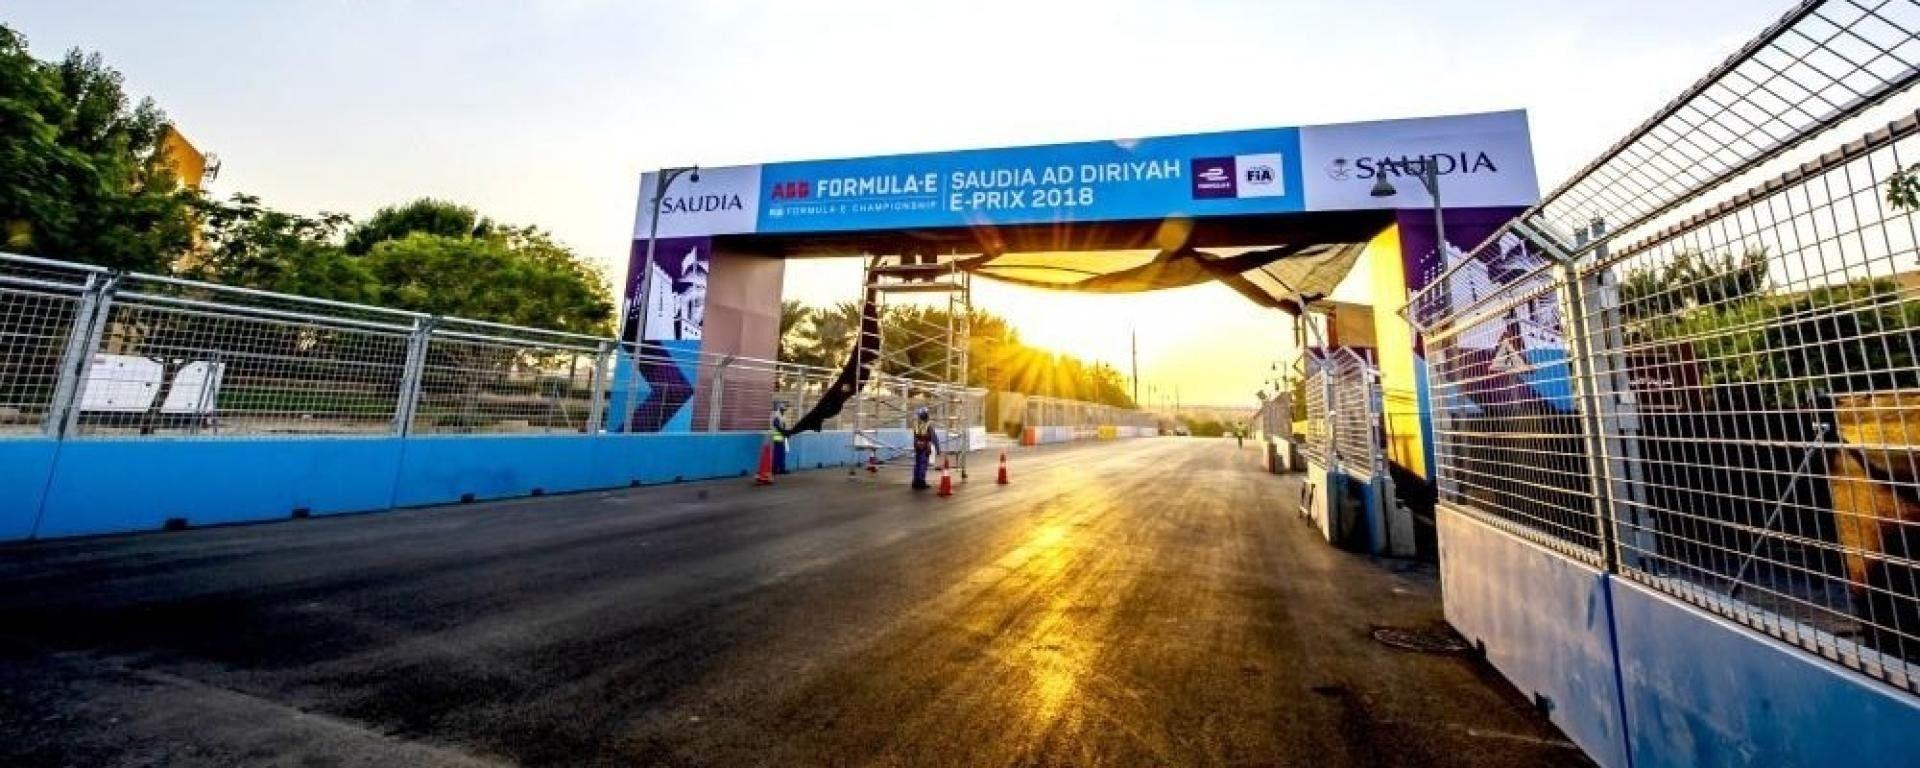 Formula E: facciamo un giro on board sul circuito Ad Diriyah